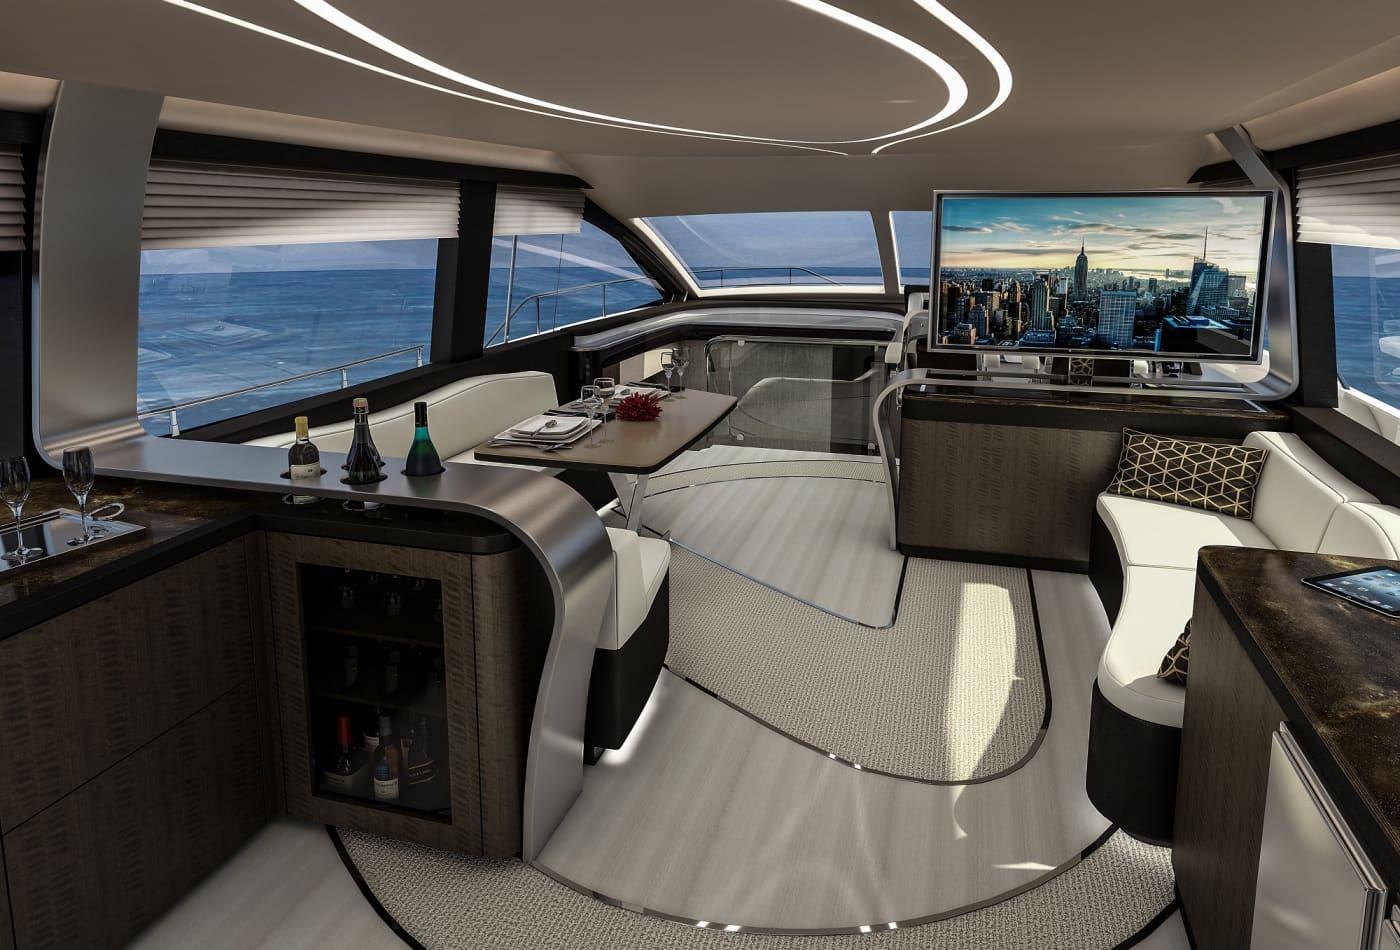 Lexus Is Making A Luxury Yacht Take A Look